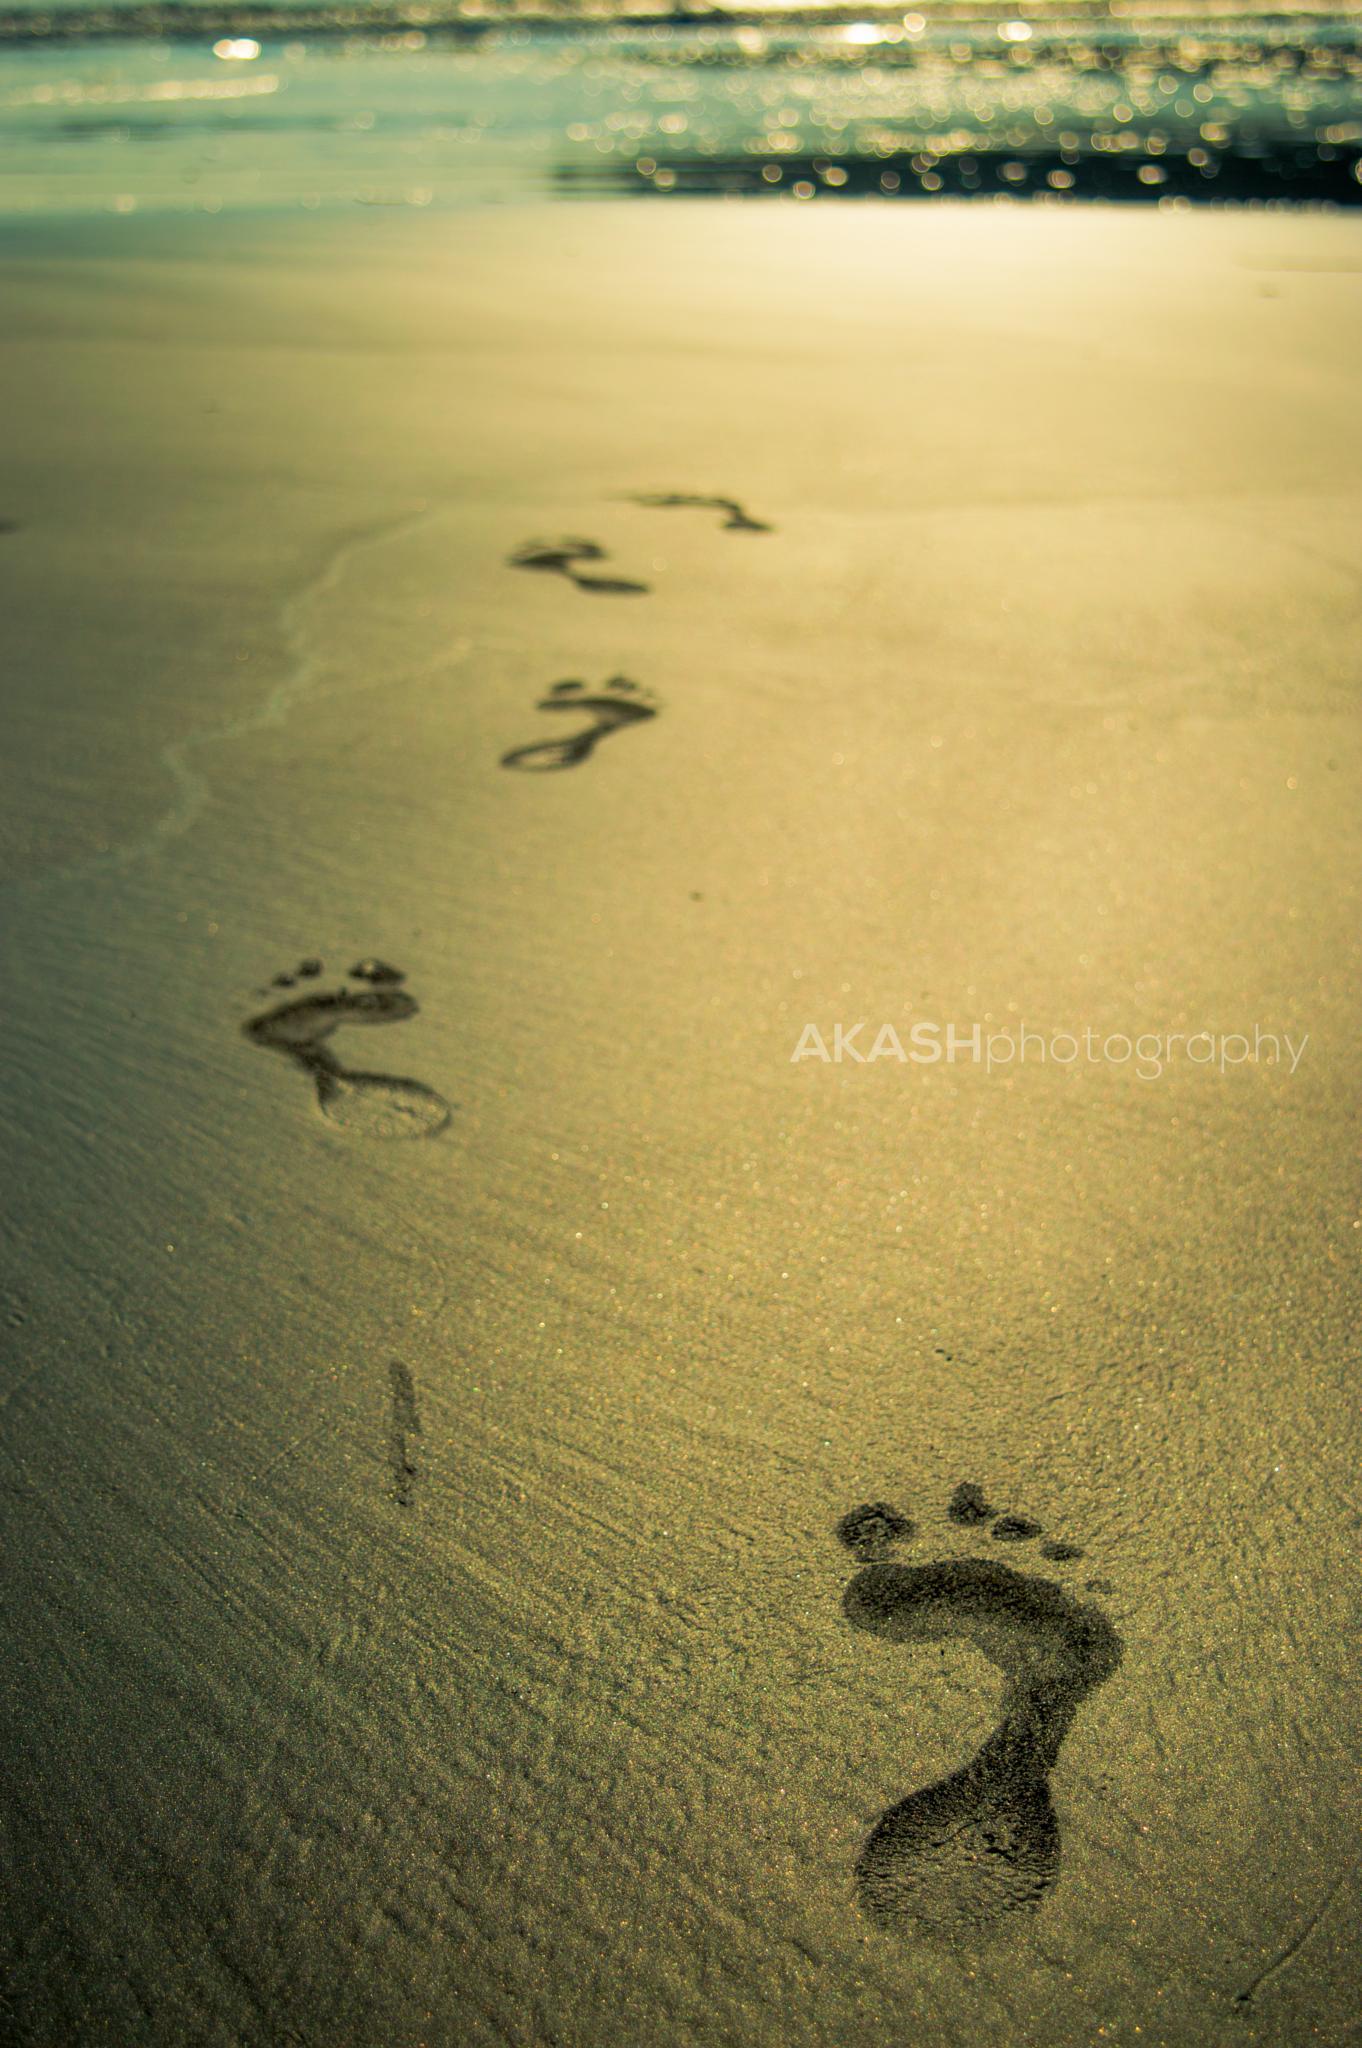 Towards a Beginning by Akash Ramrajan